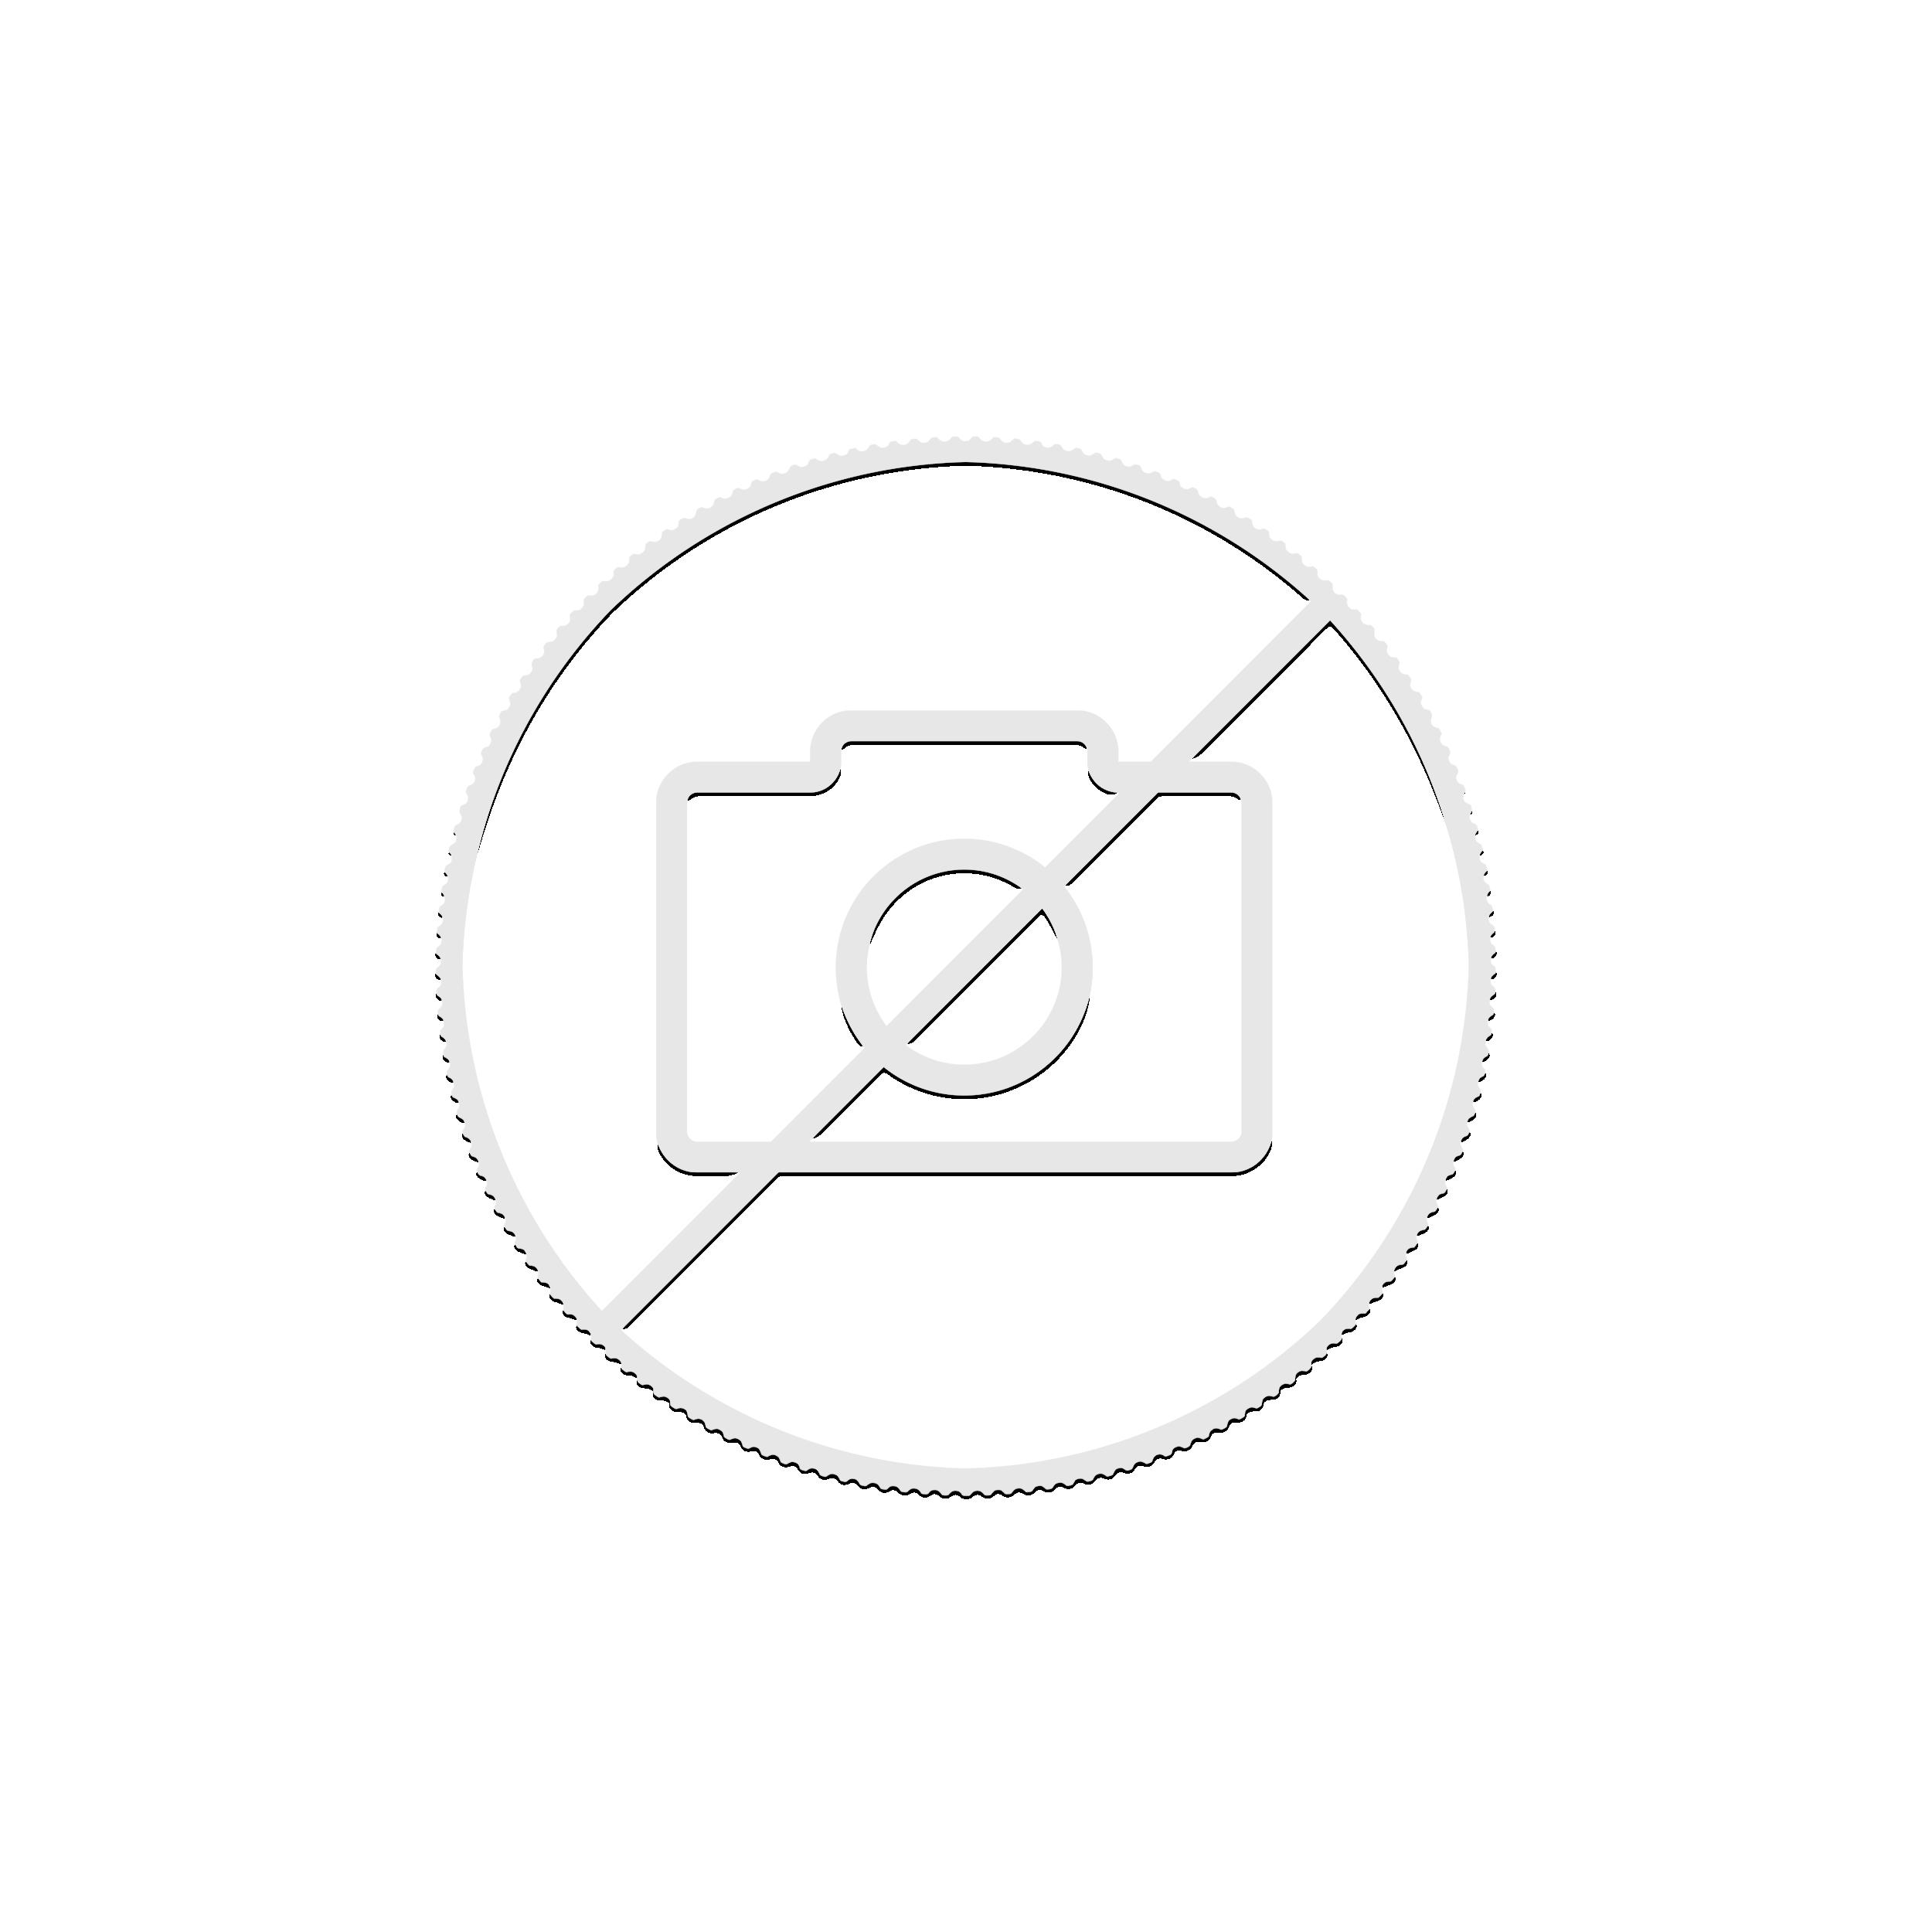 1 Troy ounce silver coin Golden Ring - Kookaburra 2019